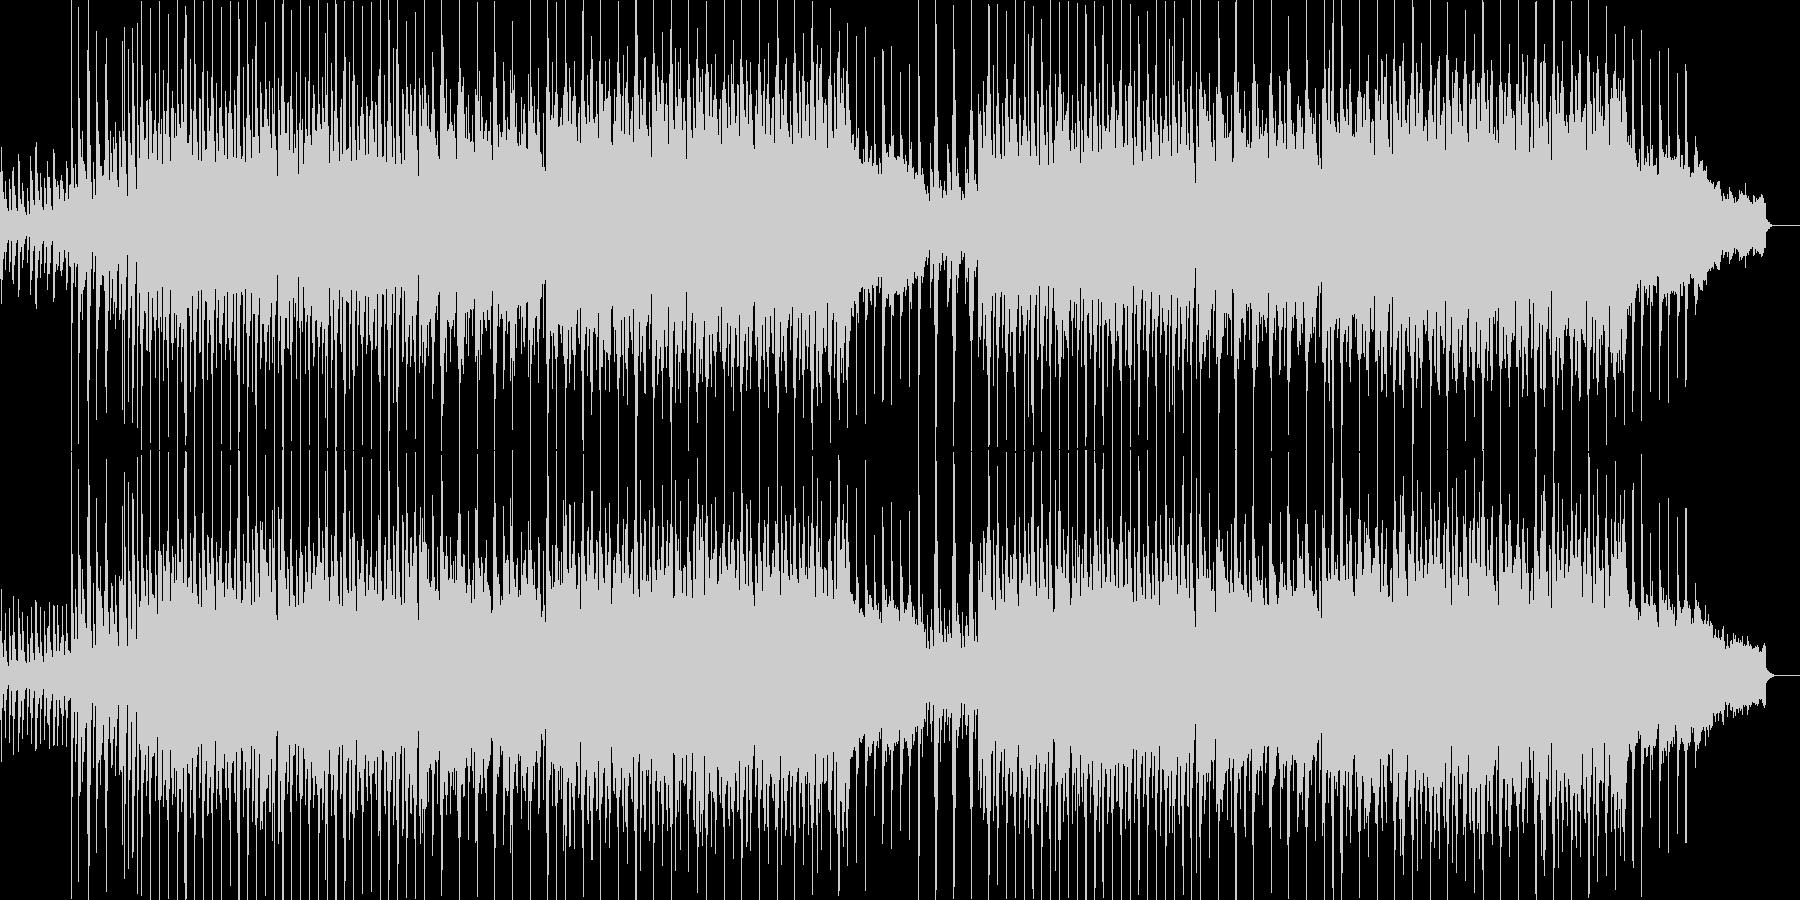 アンブレラCMクリスマス映像用の明るい曲の未再生の波形